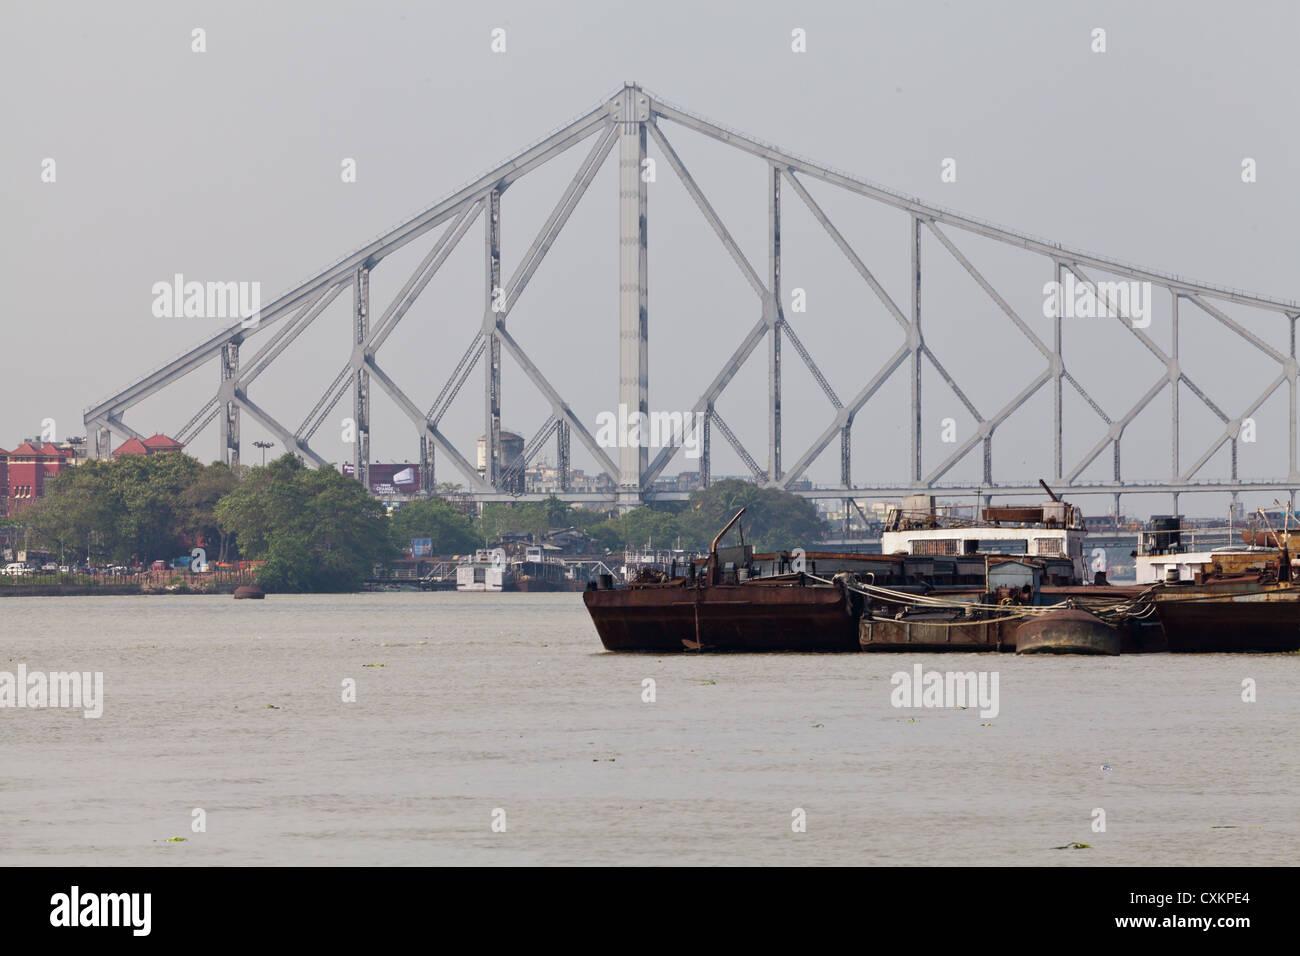 The Howarh Bridge in Kolkata - Stock Image